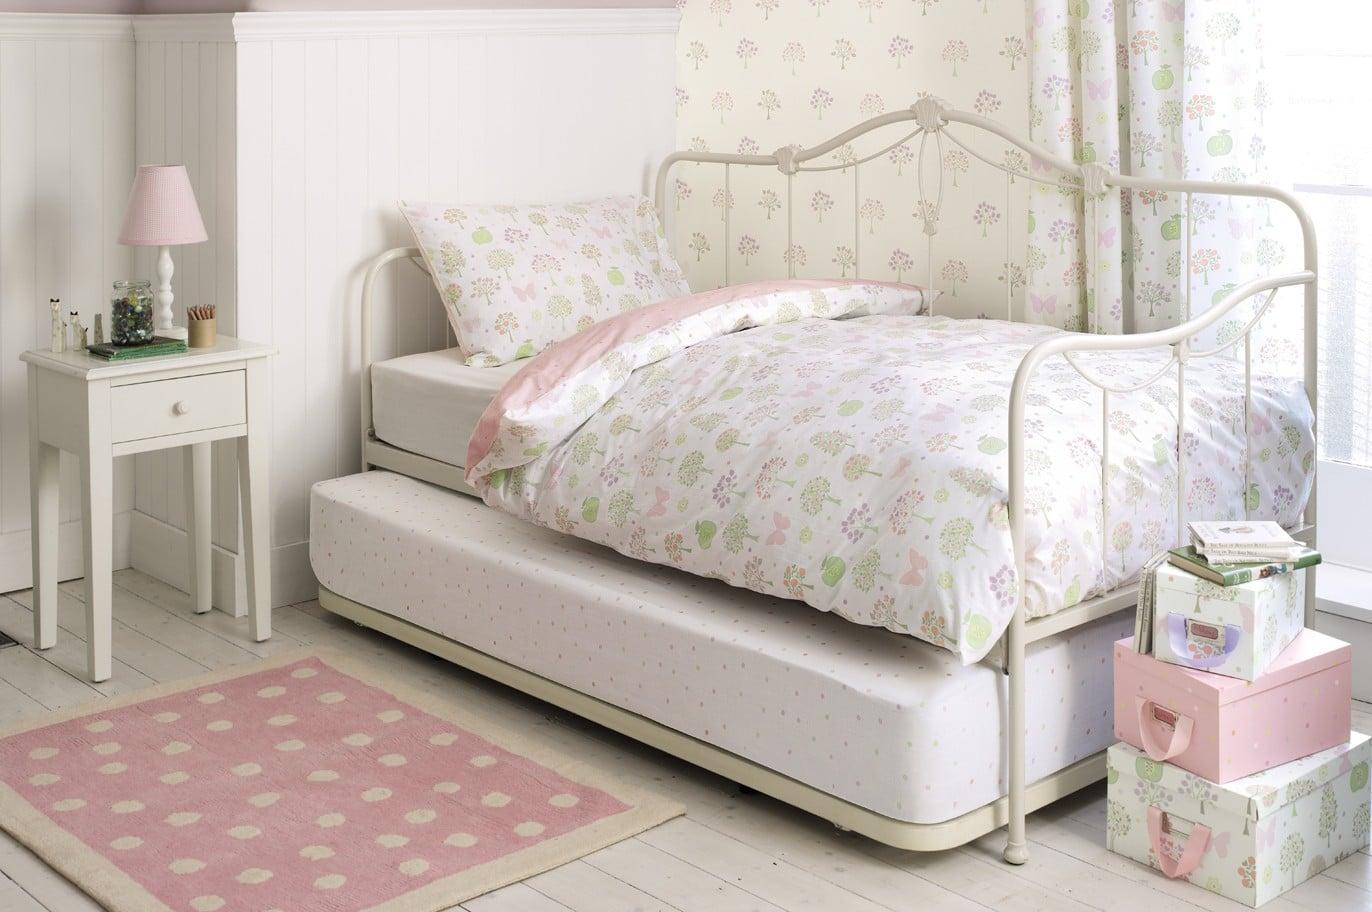 camas nido para habitaciones pequeñas